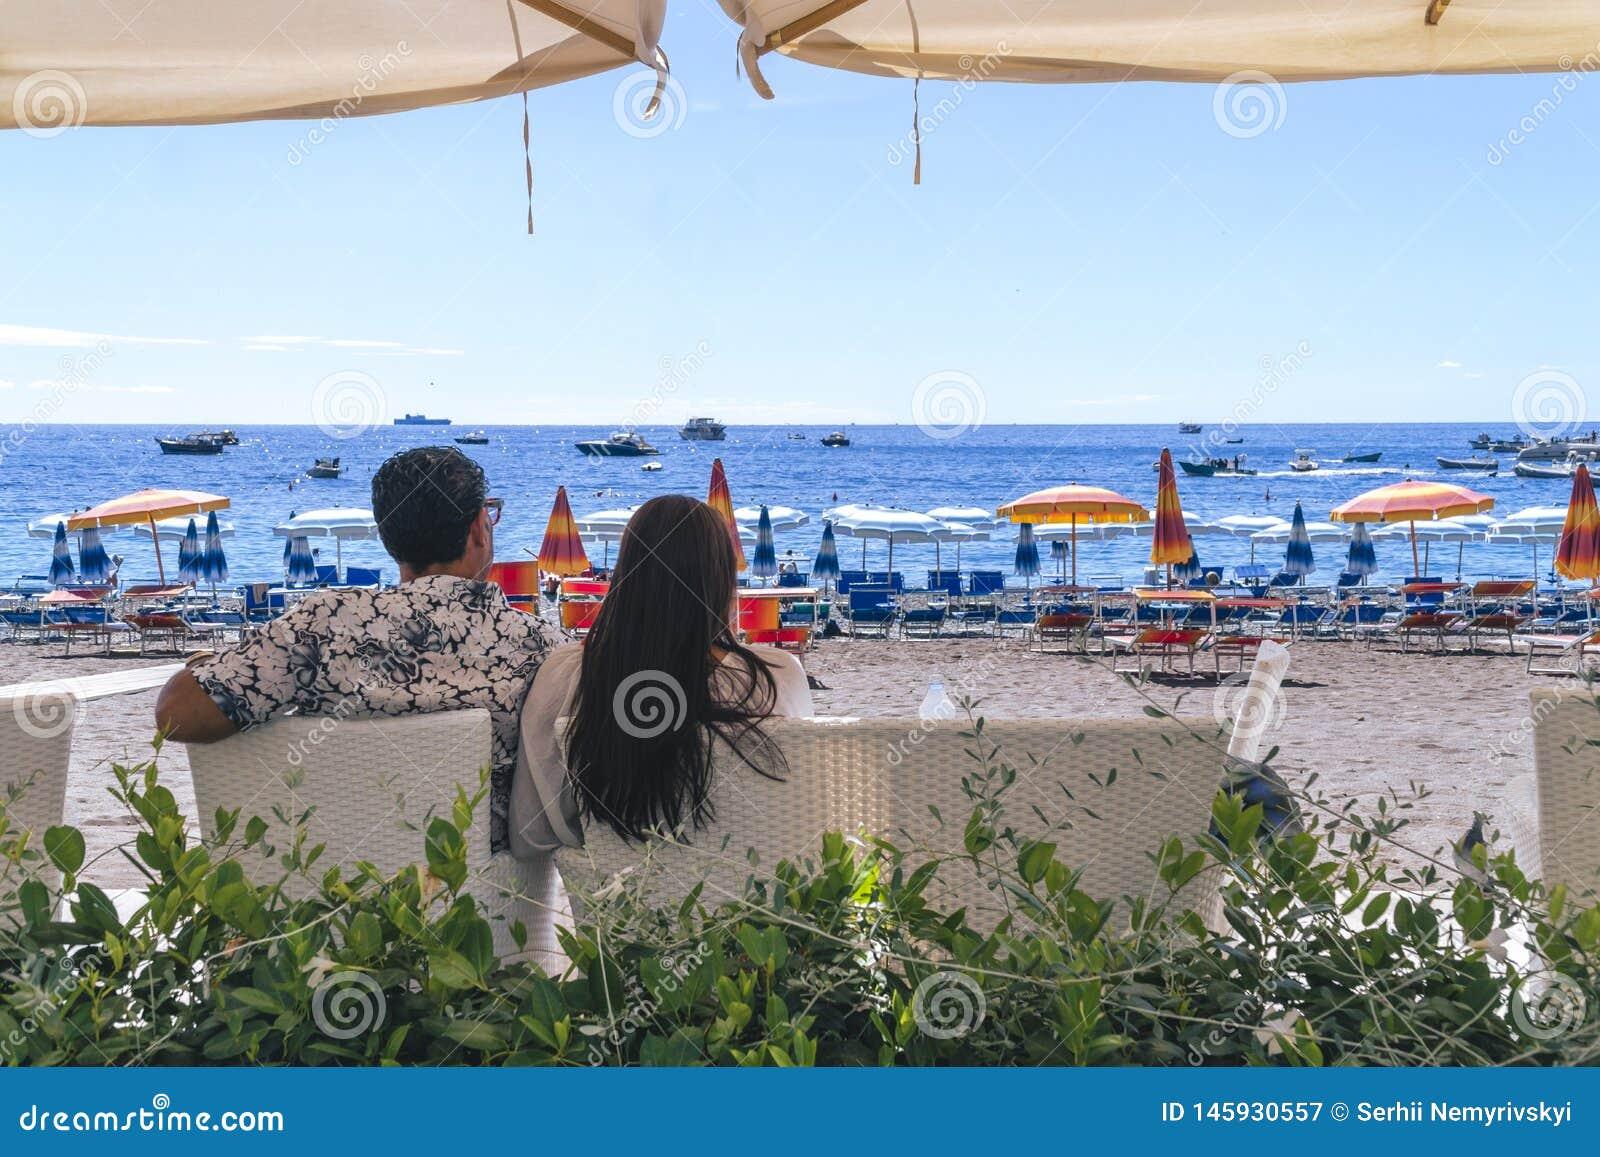 Amantes que se sientan, mirando en el cielo y el mar, mountion, debajo del paraguas de sol Vacaciones, turismo, hooneymoon Muchac